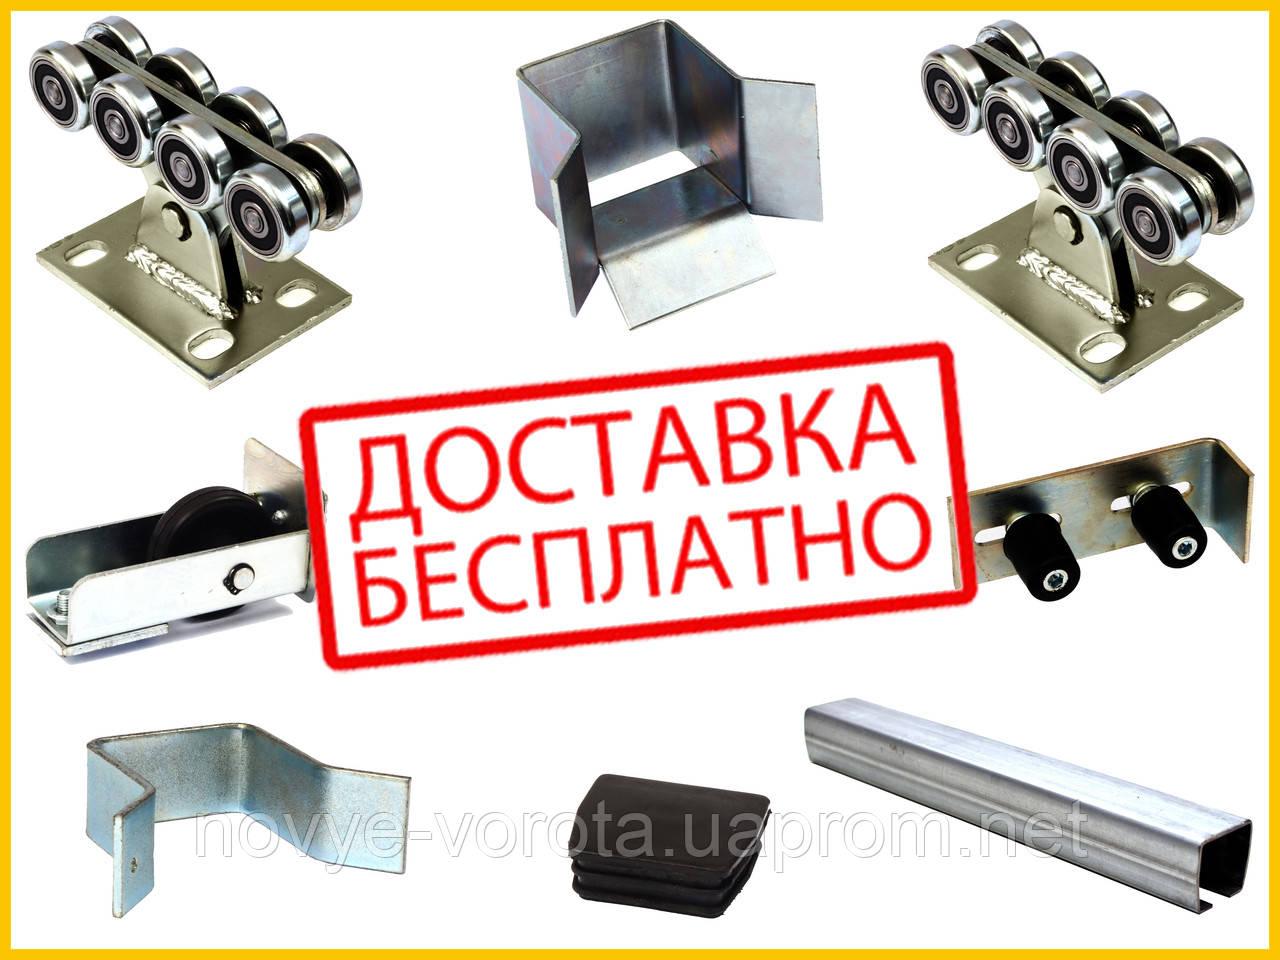 Фурнитура для откатных ворот Svit-Vorit весом до 500 кг (комплектующие, ролики) с 7 метровой направляющей